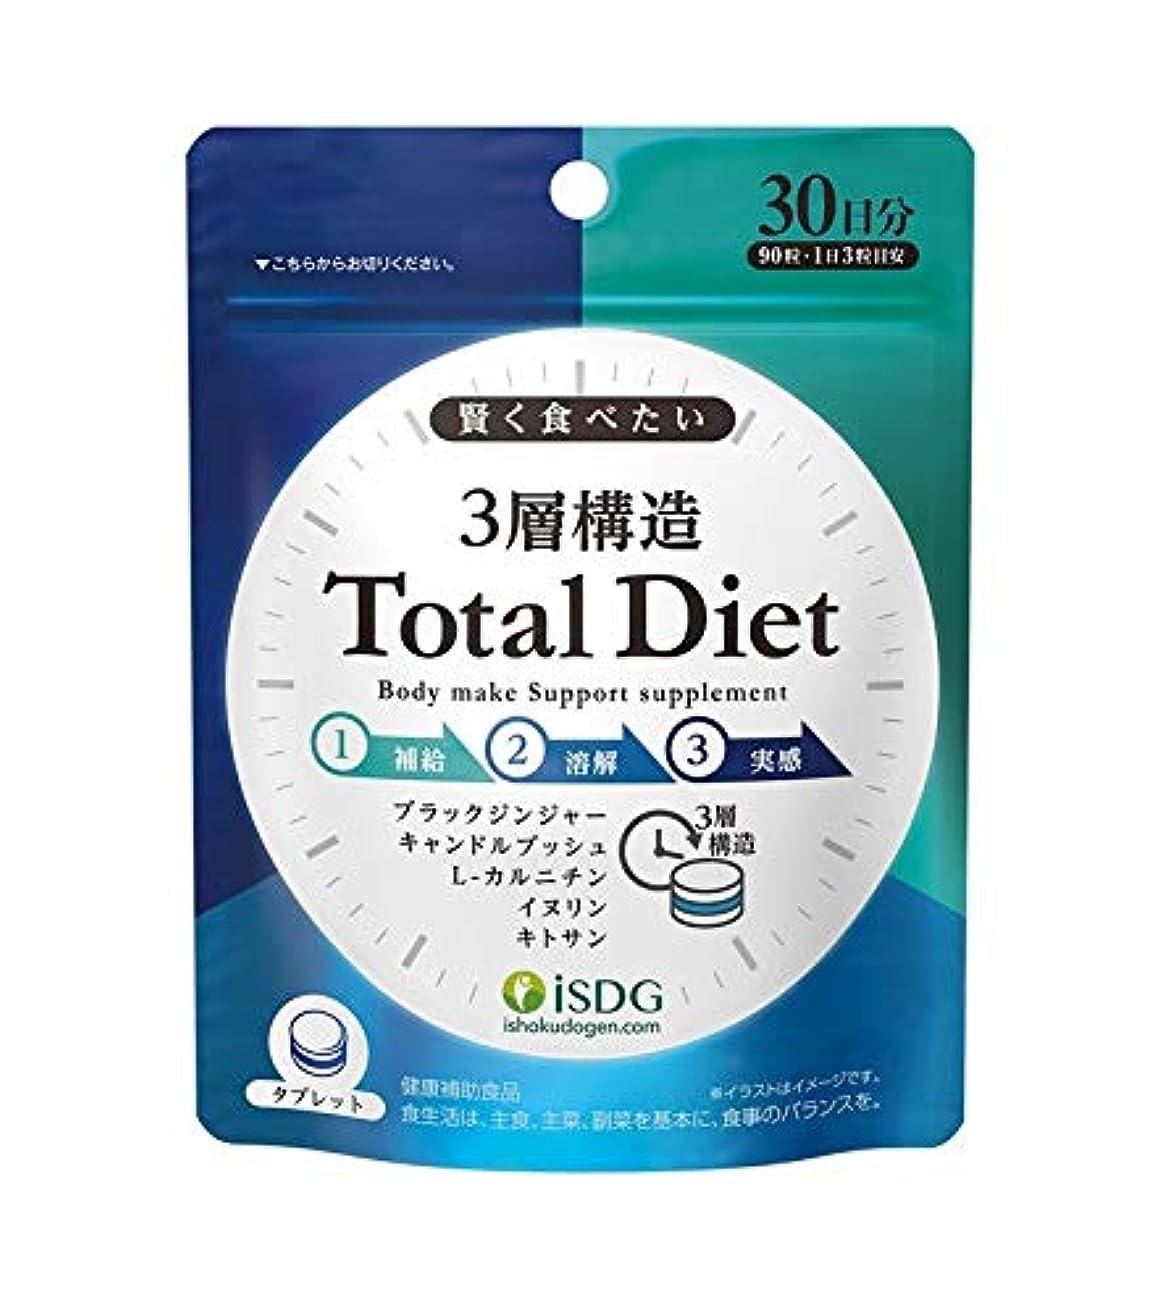 放散する住むの中で医食同源 3層構造Total Diet 90粒